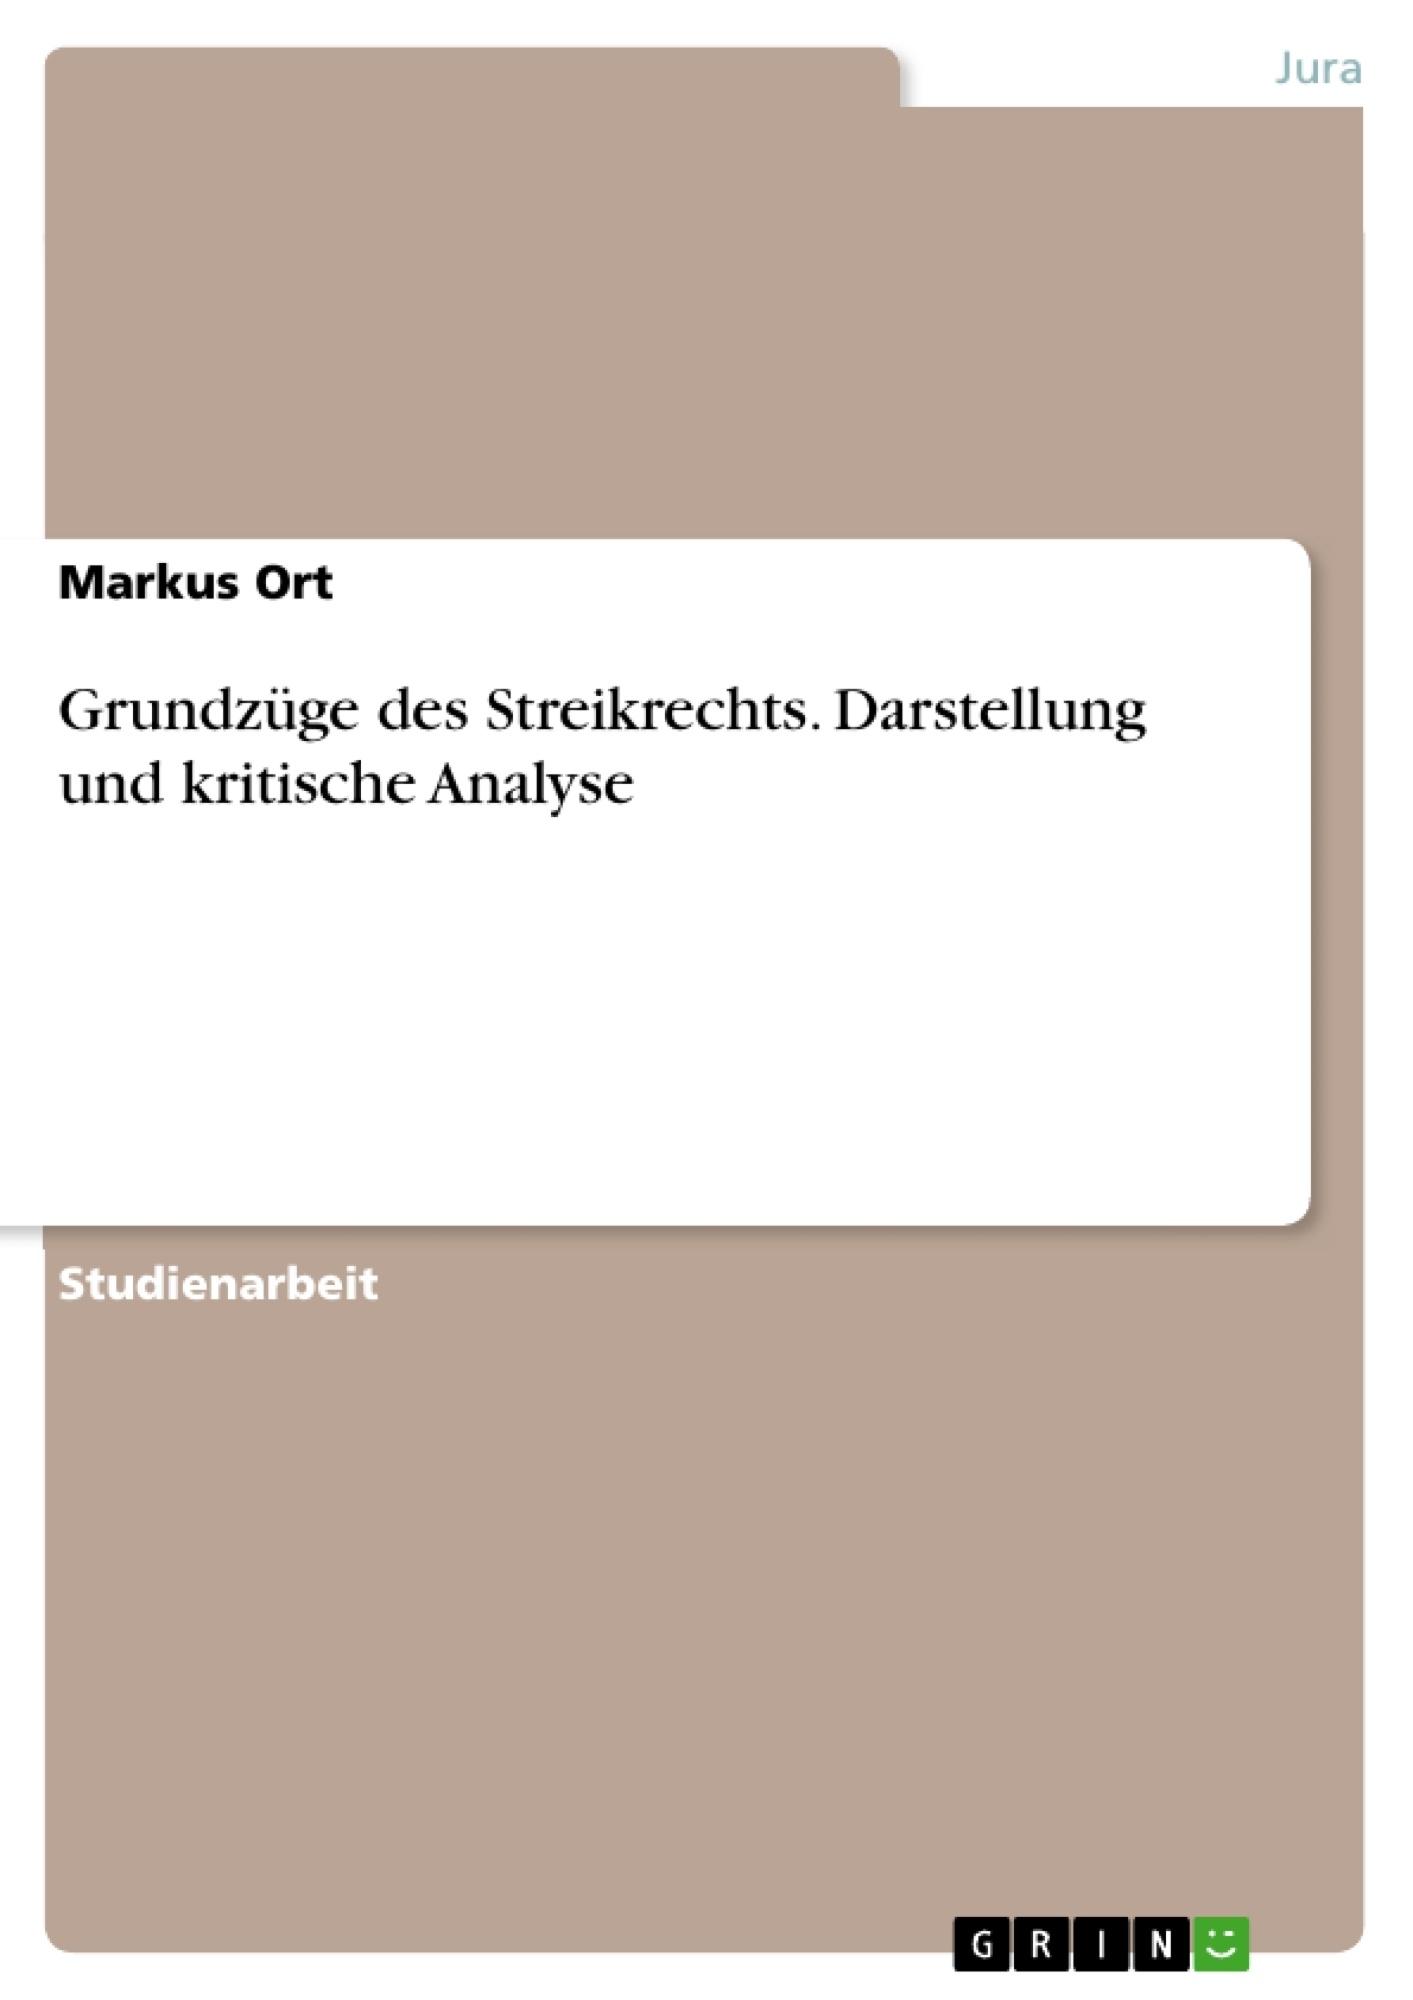 Titel: Grundzüge des Streikrechts. Darstellung und kritische Analyse